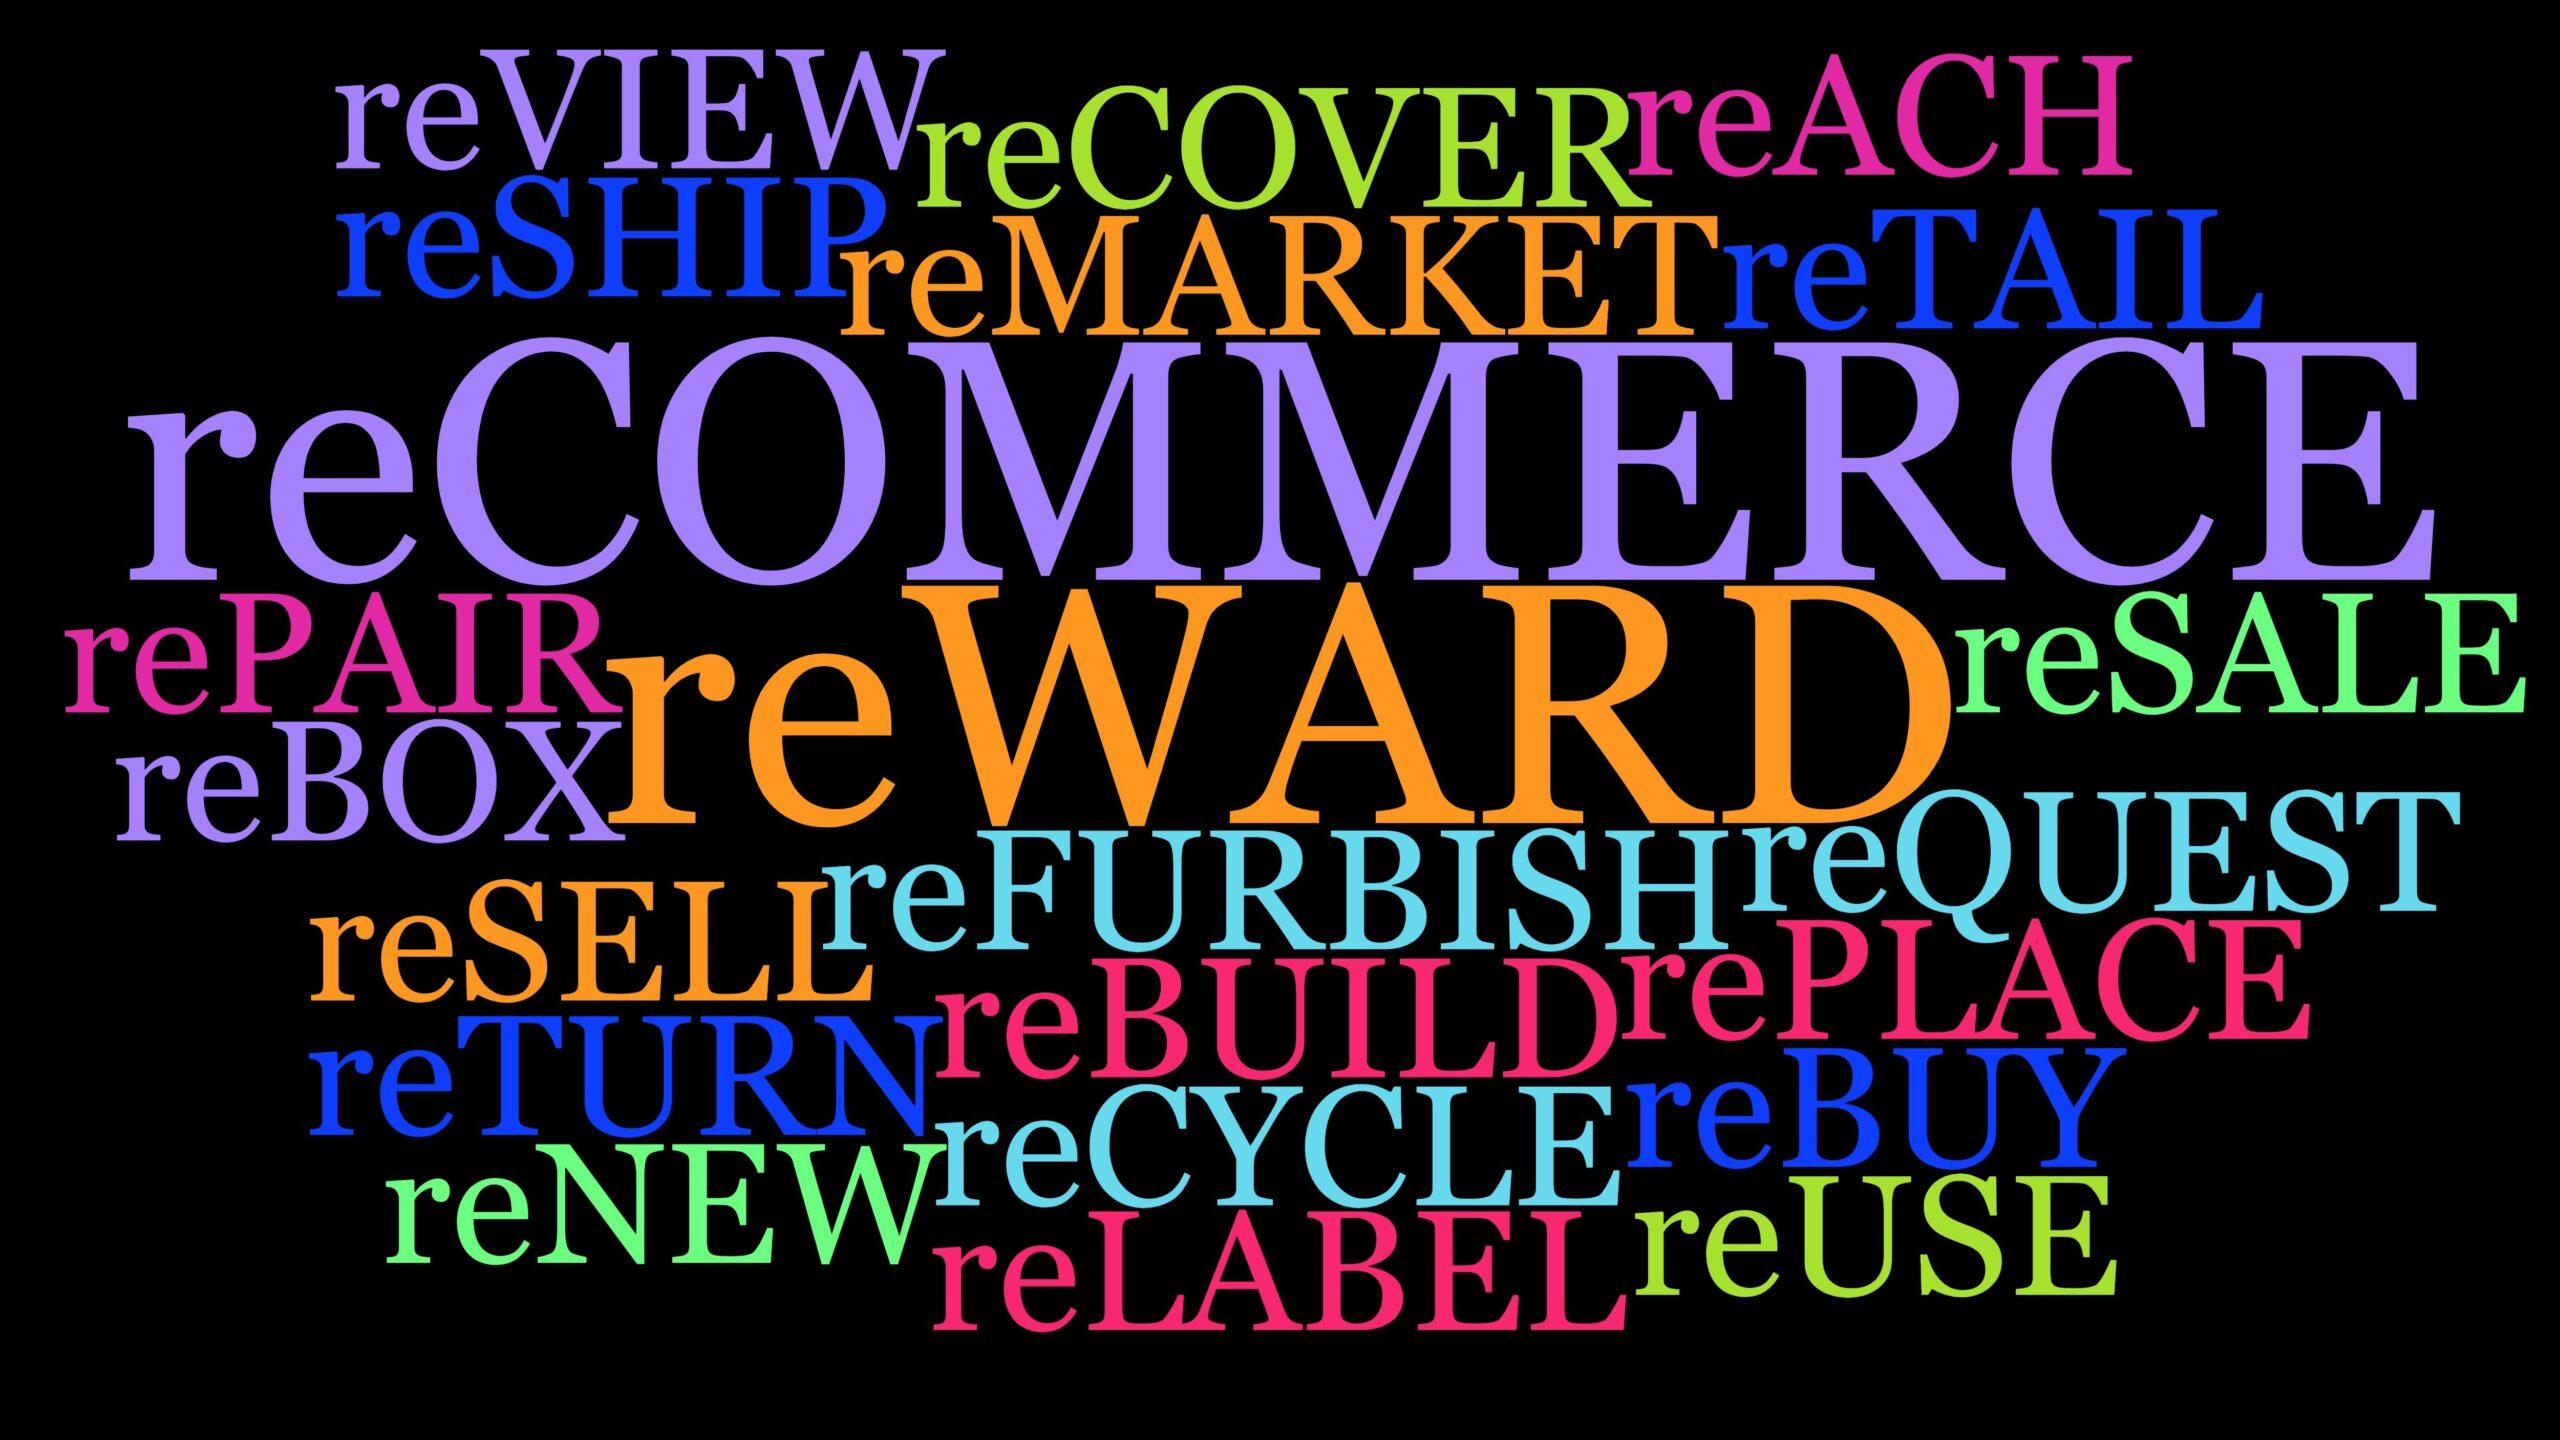 eCommerce Recommerce Customer Returns